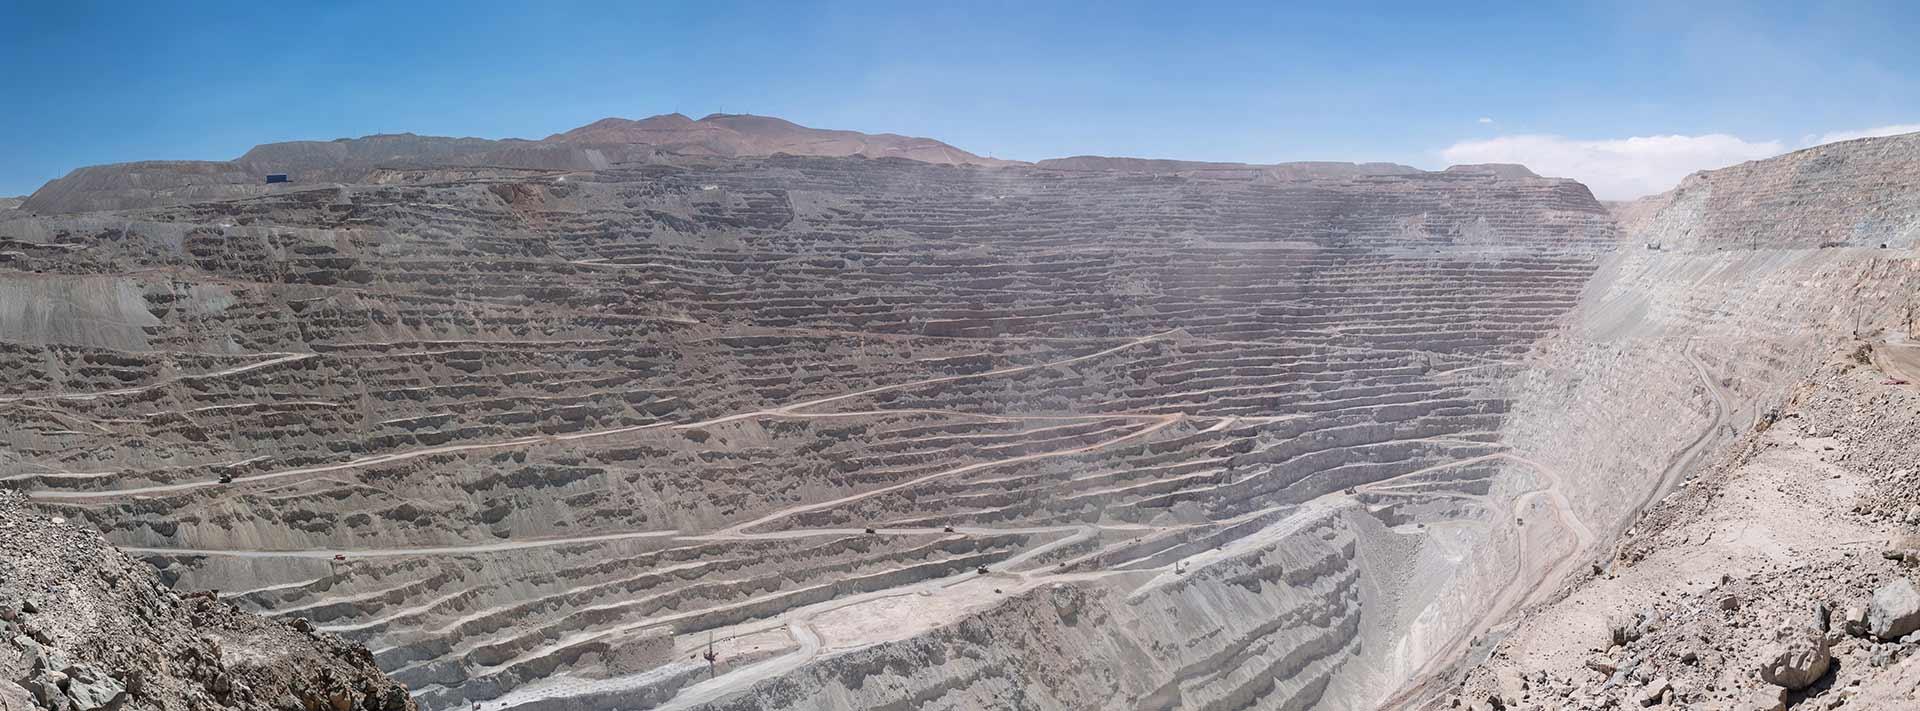 Morales & Besa asesoró a Arena Minerals Chile en la constitución de dos sociedades contractuales mineras con SQM